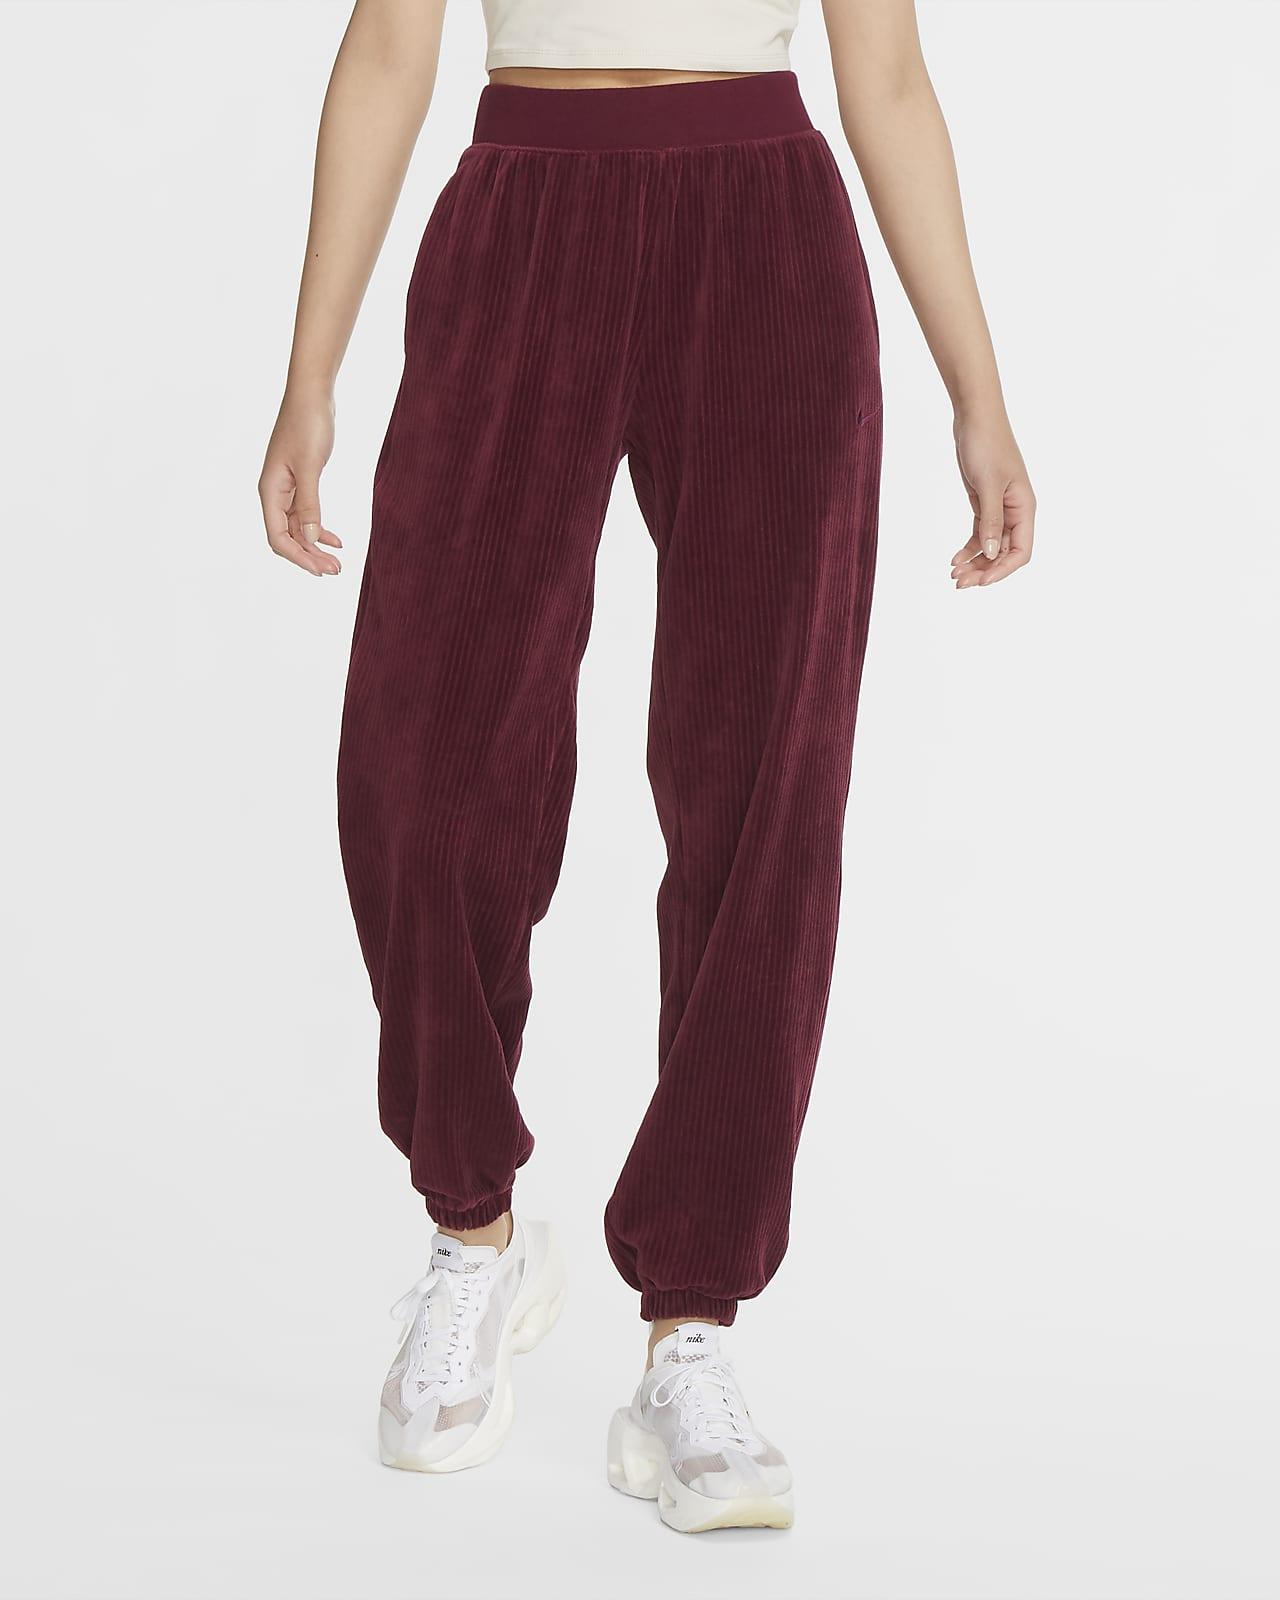 Nike Sportswear Women's Velour Trousers